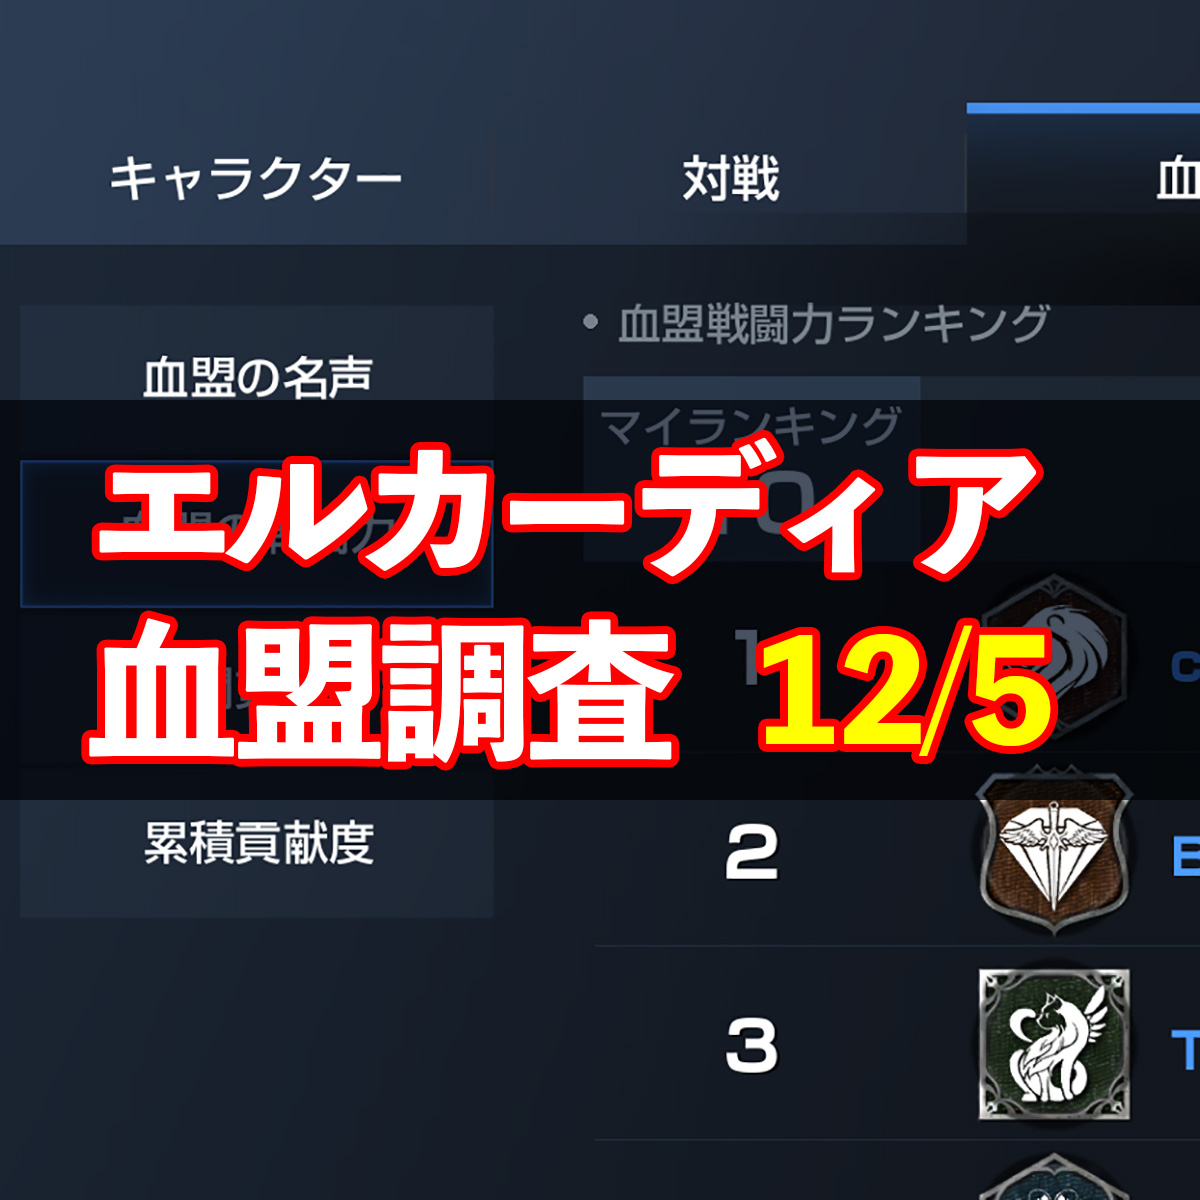 12/5エルカーディア情報|上位血盟の戦力を徹底分析!